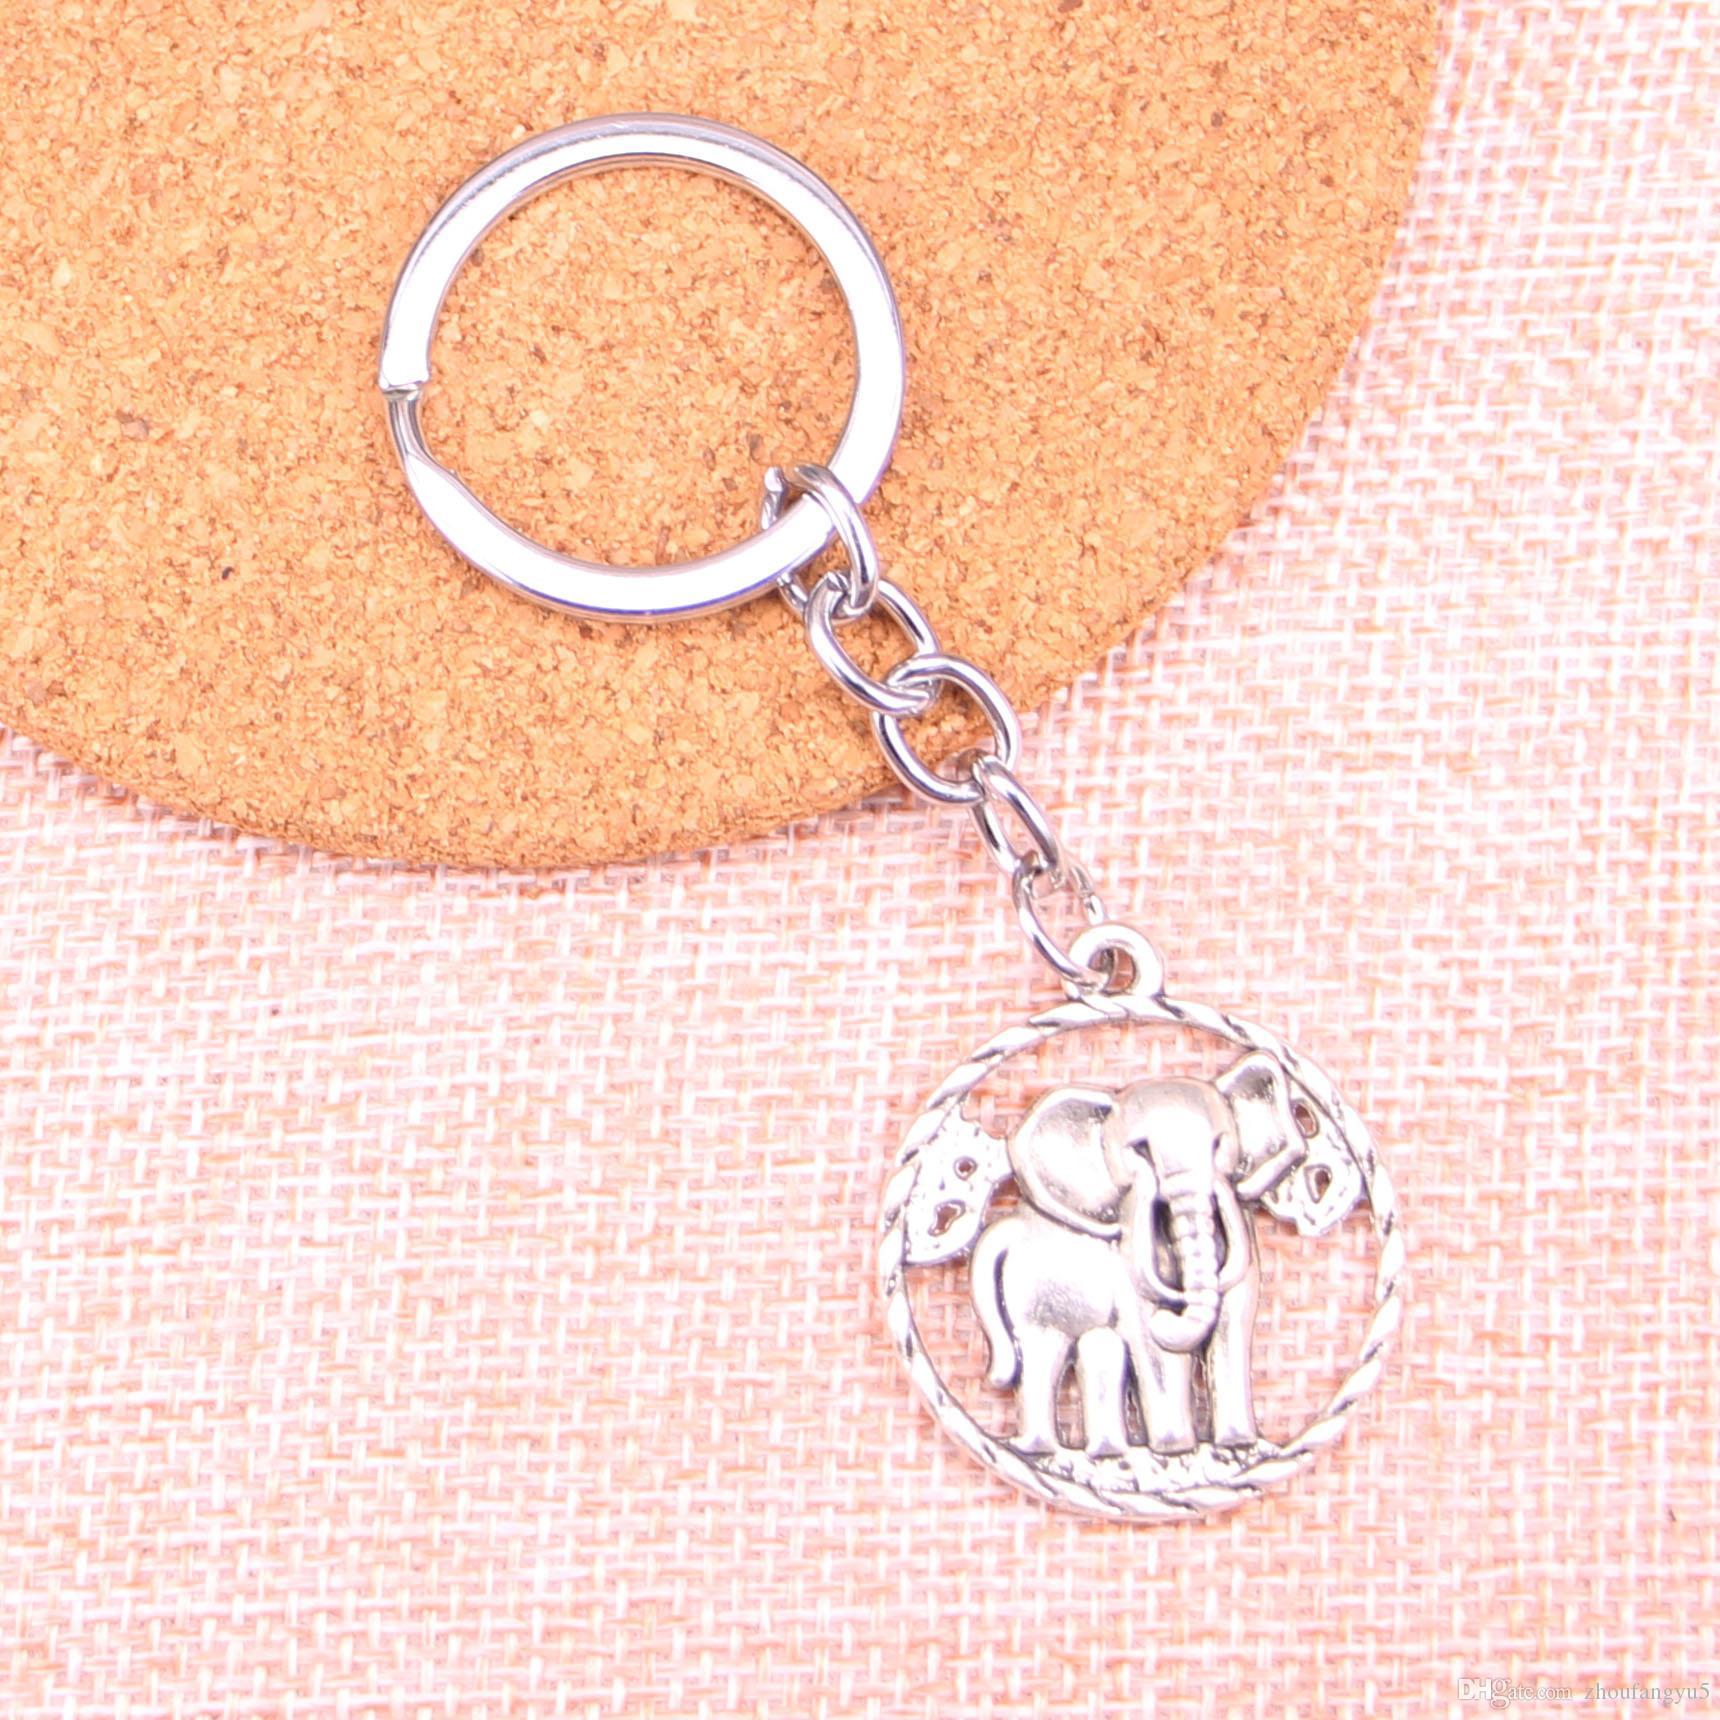 Новый брелок 28мм круг слон Подвески DIY Мужчины автомобилей Key Chain Кольцо держатель брелок Сувенирная подарка ювелирных изделий